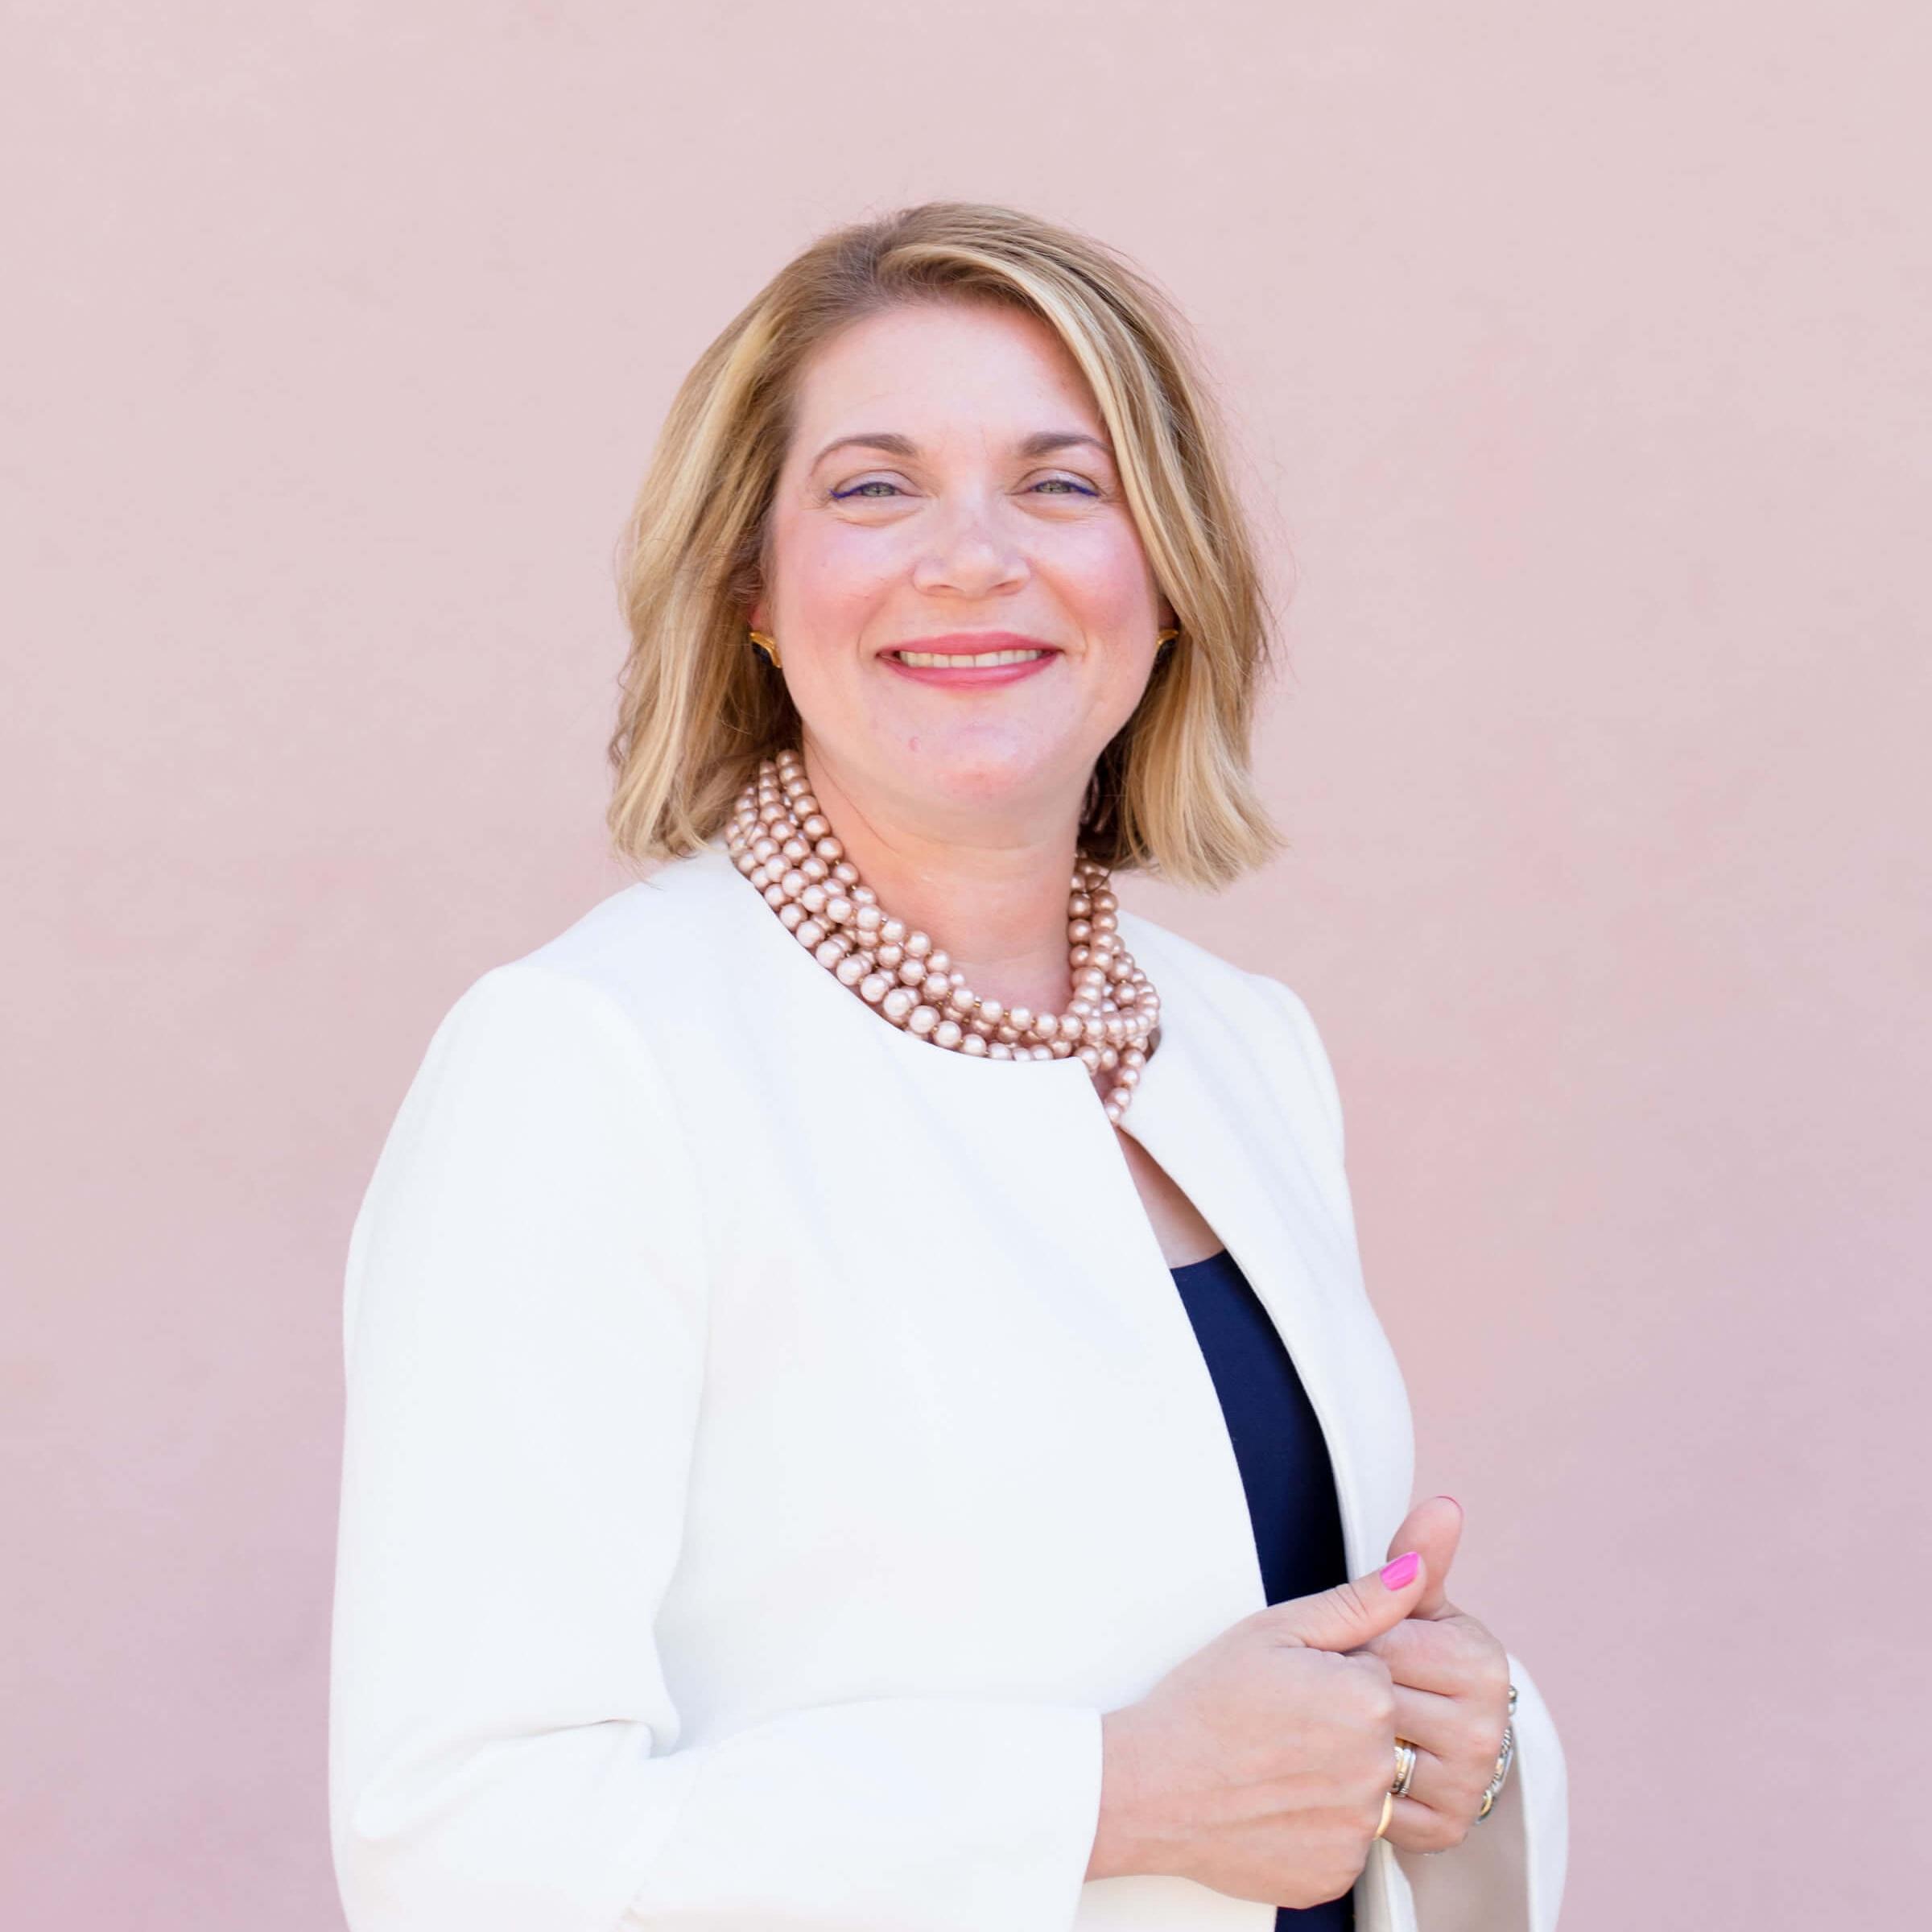 women-entrepreneurs-charleston-ashleigh-metherell.jpg